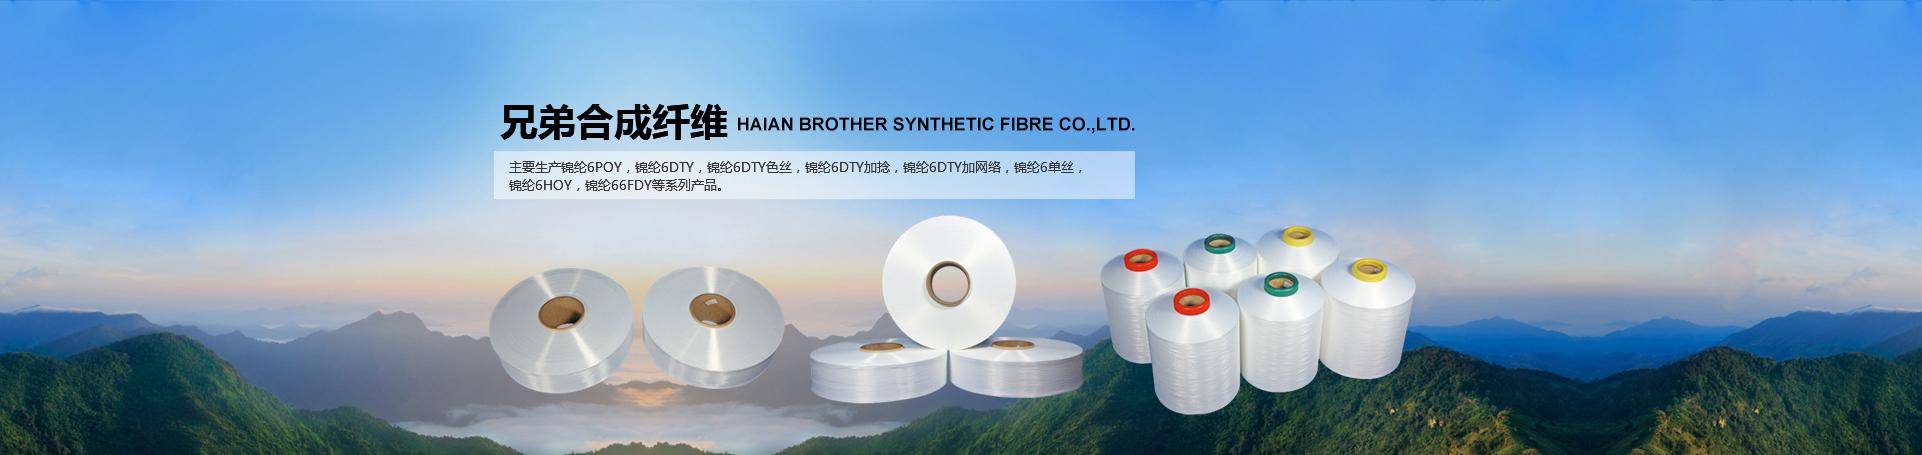 米乐m6app兄弟合成纤维有限公司